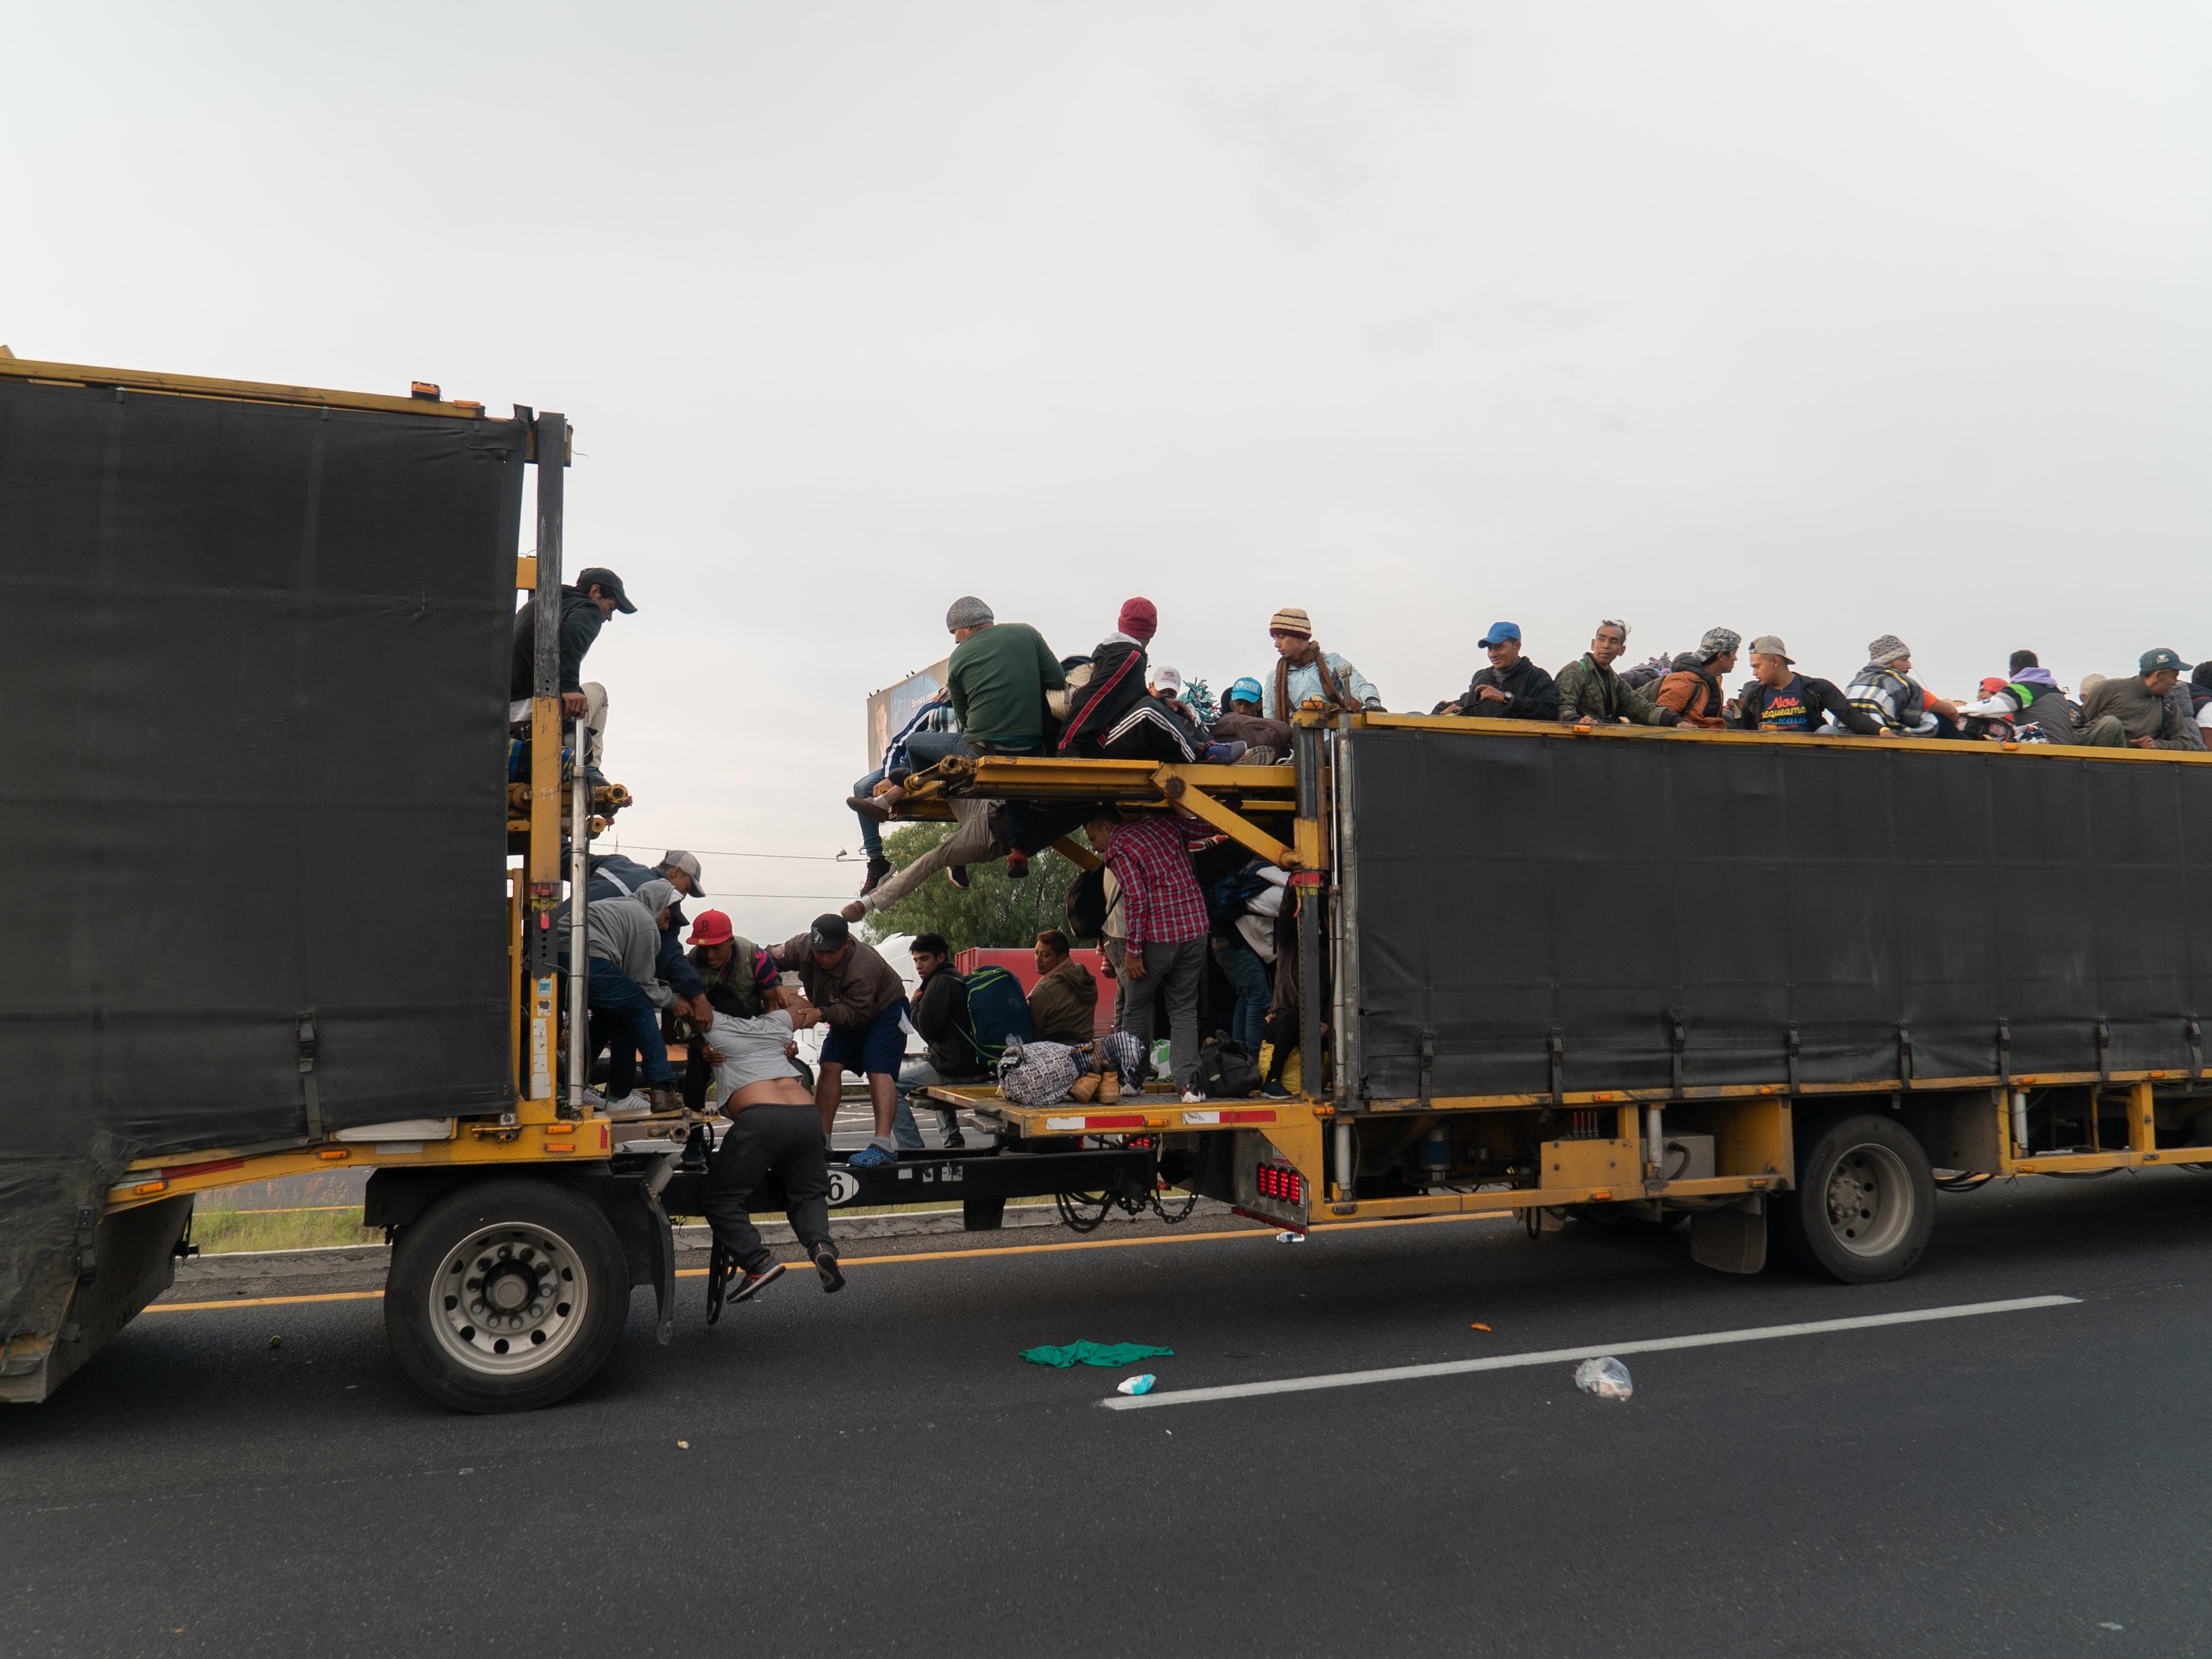 Camion avec des migrants, dont une femme qui tente de s'y hisser avec l'aide d'autres gens.